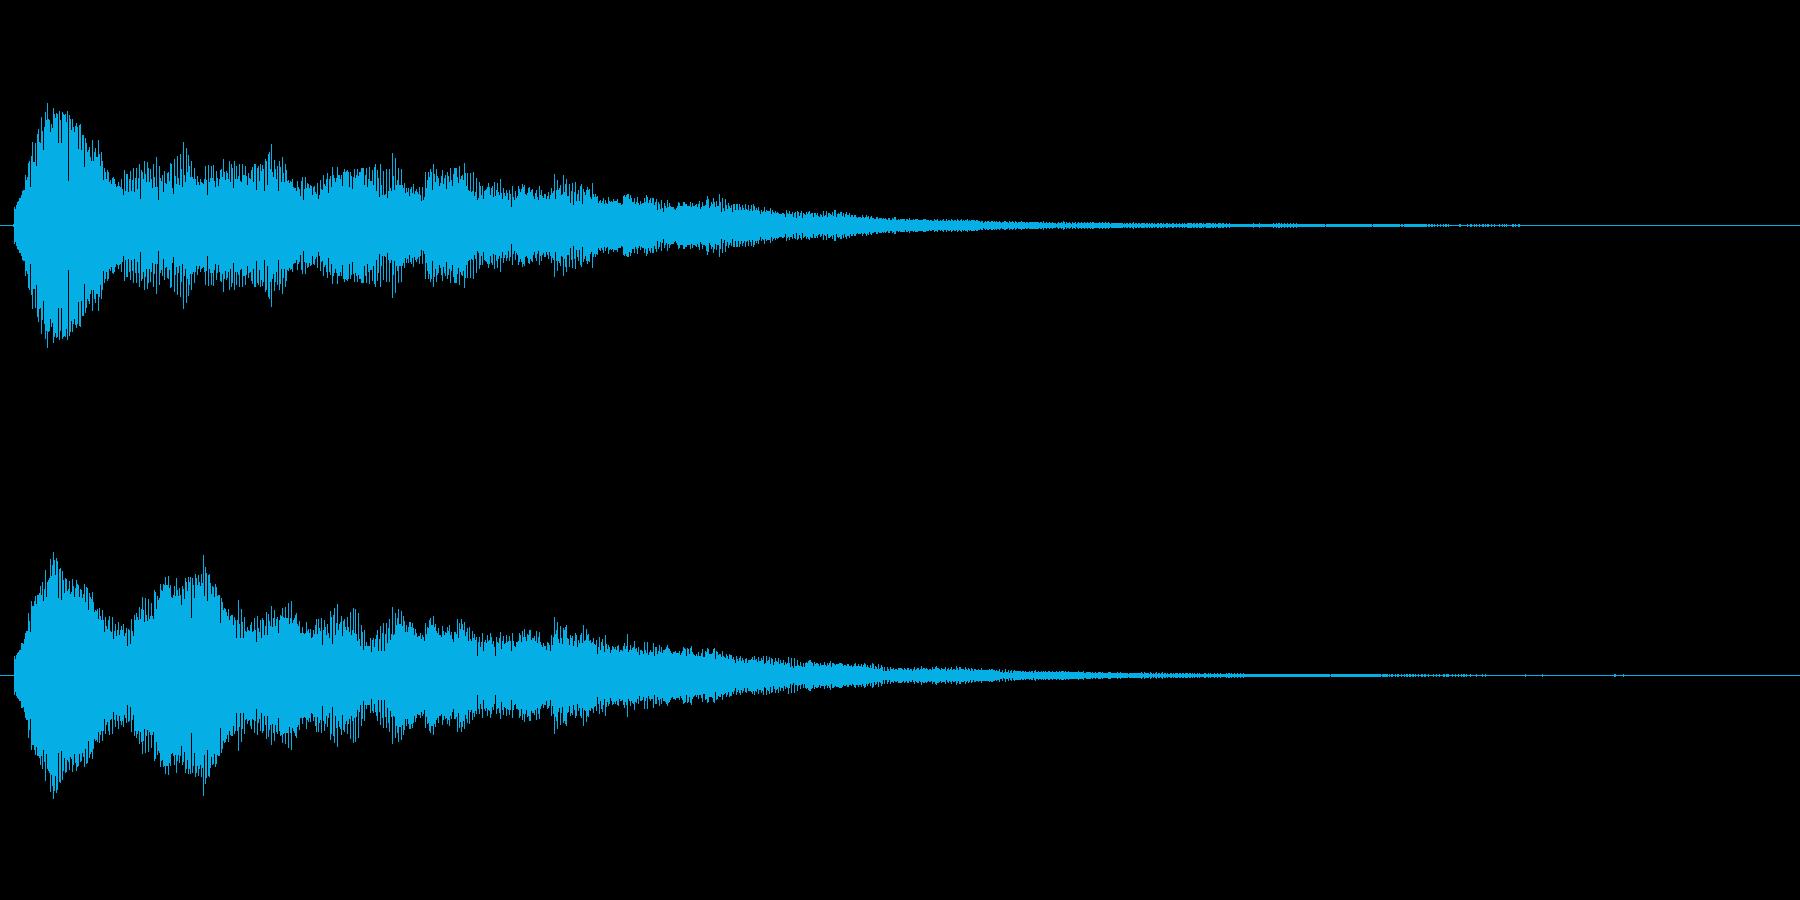 キラキラした効果音(お知らせ、爽やか)の再生済みの波形